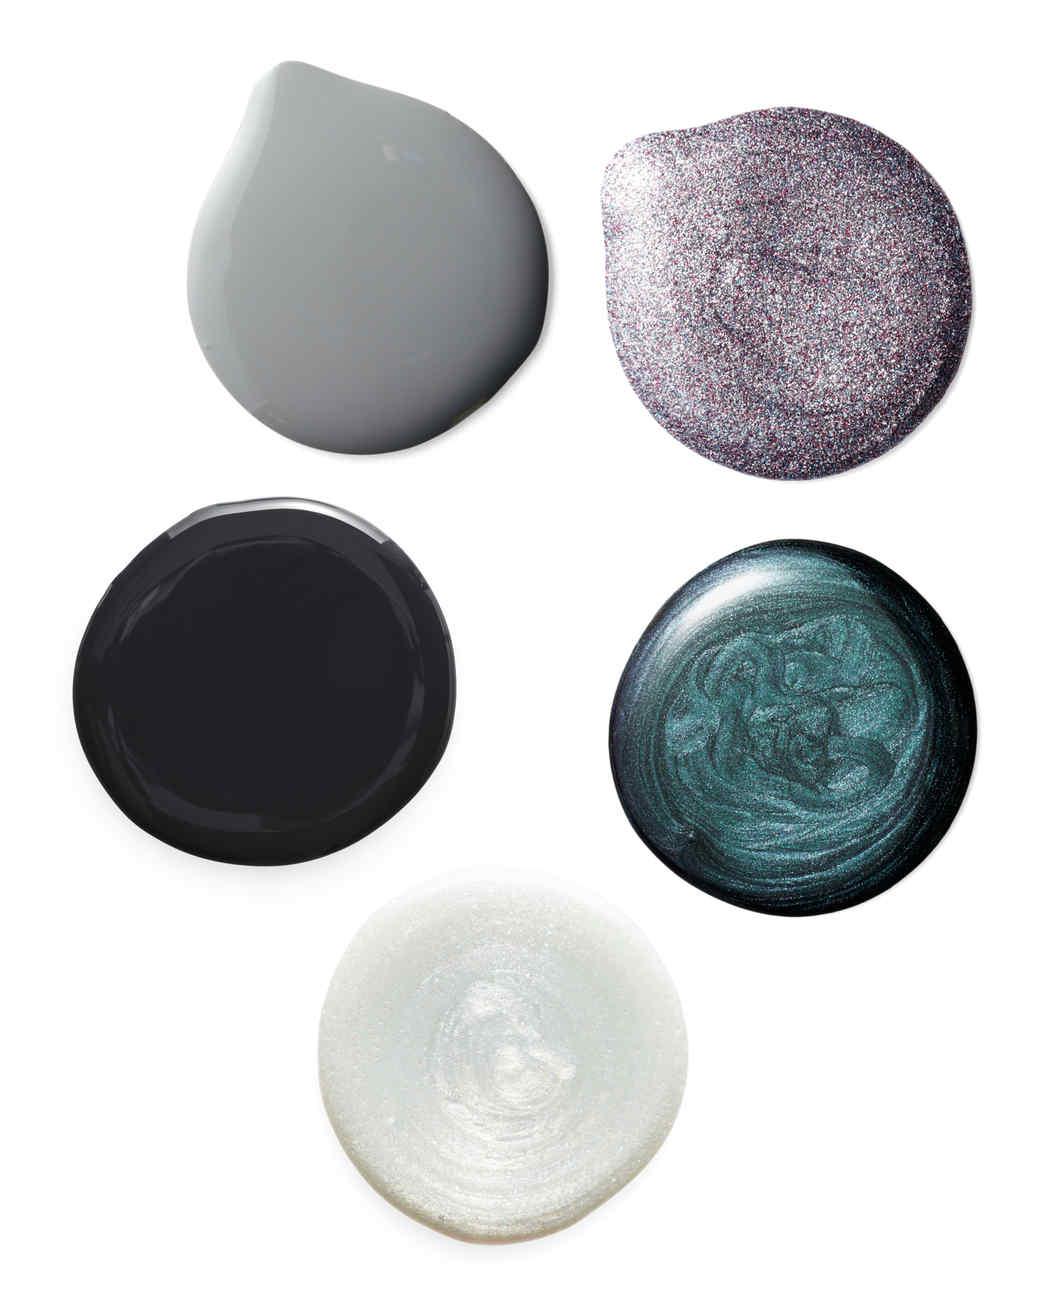 nail-polish-silverandgrays-msl0612.jpg